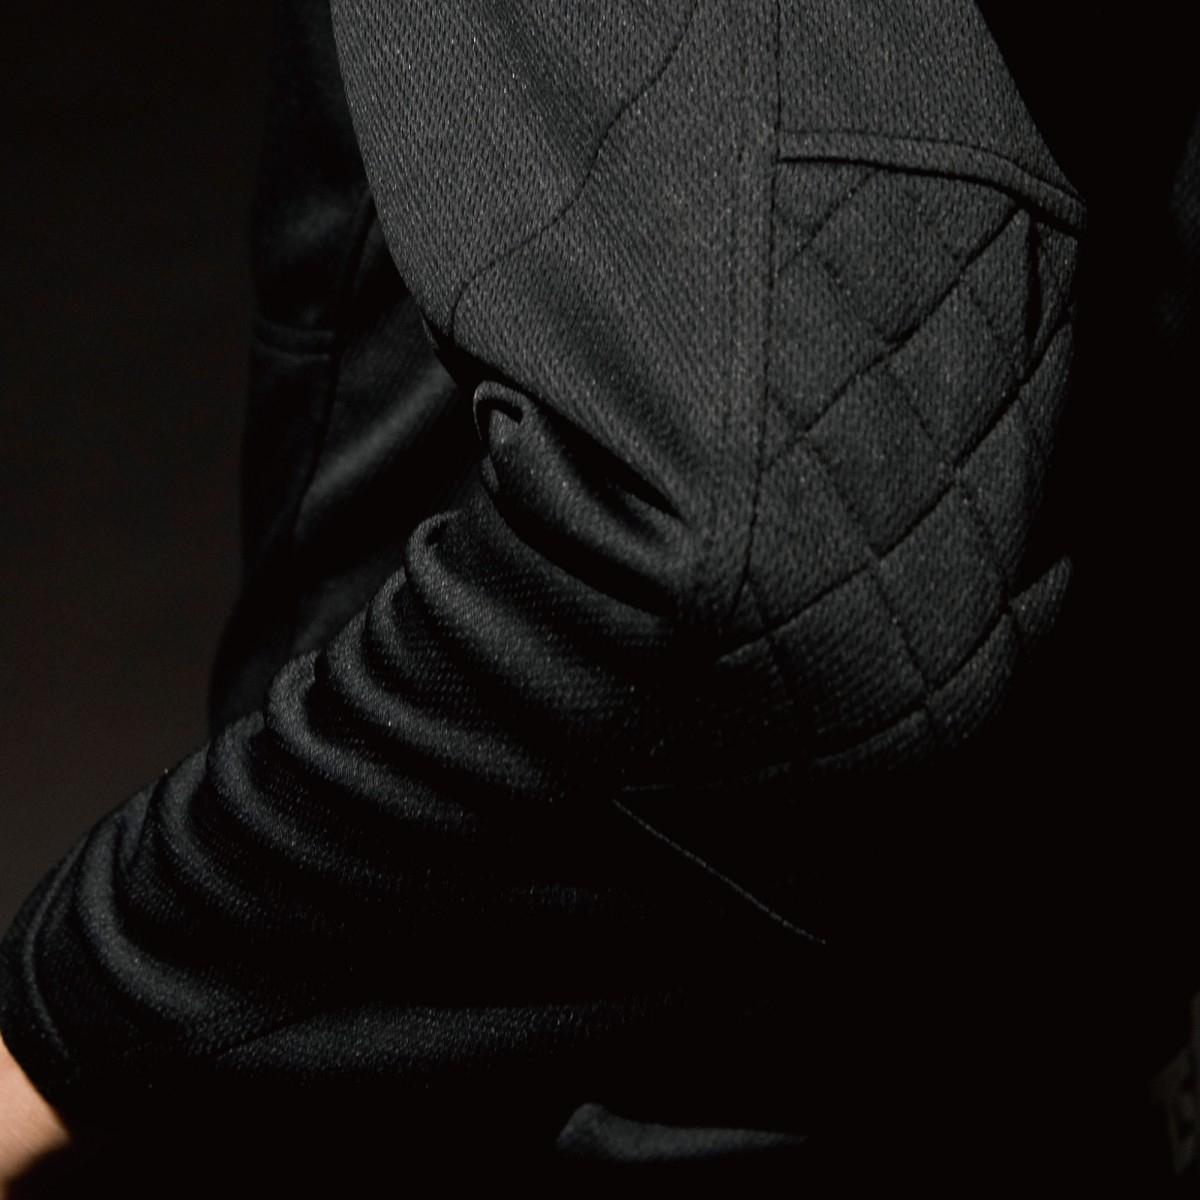 846305 ワークニットロングシャツ 肘 刺し子の補強仕様で丈夫です。